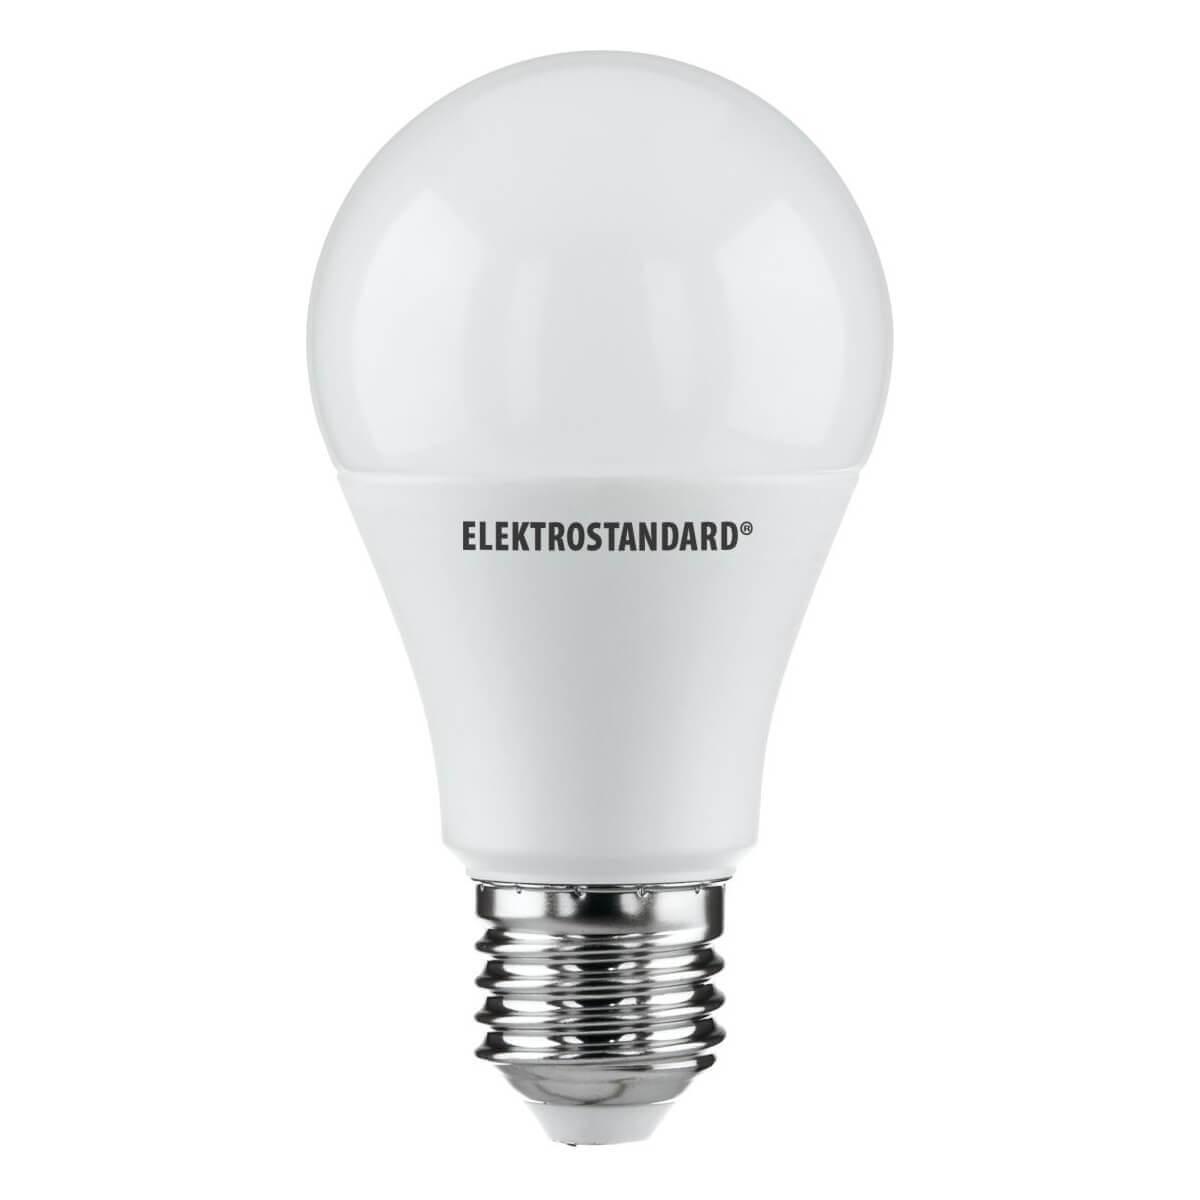 Лампа светодиодная E27 10W 4200K матовая 4690389085543 elektrostandart classic classic led d 10w 4200k e27